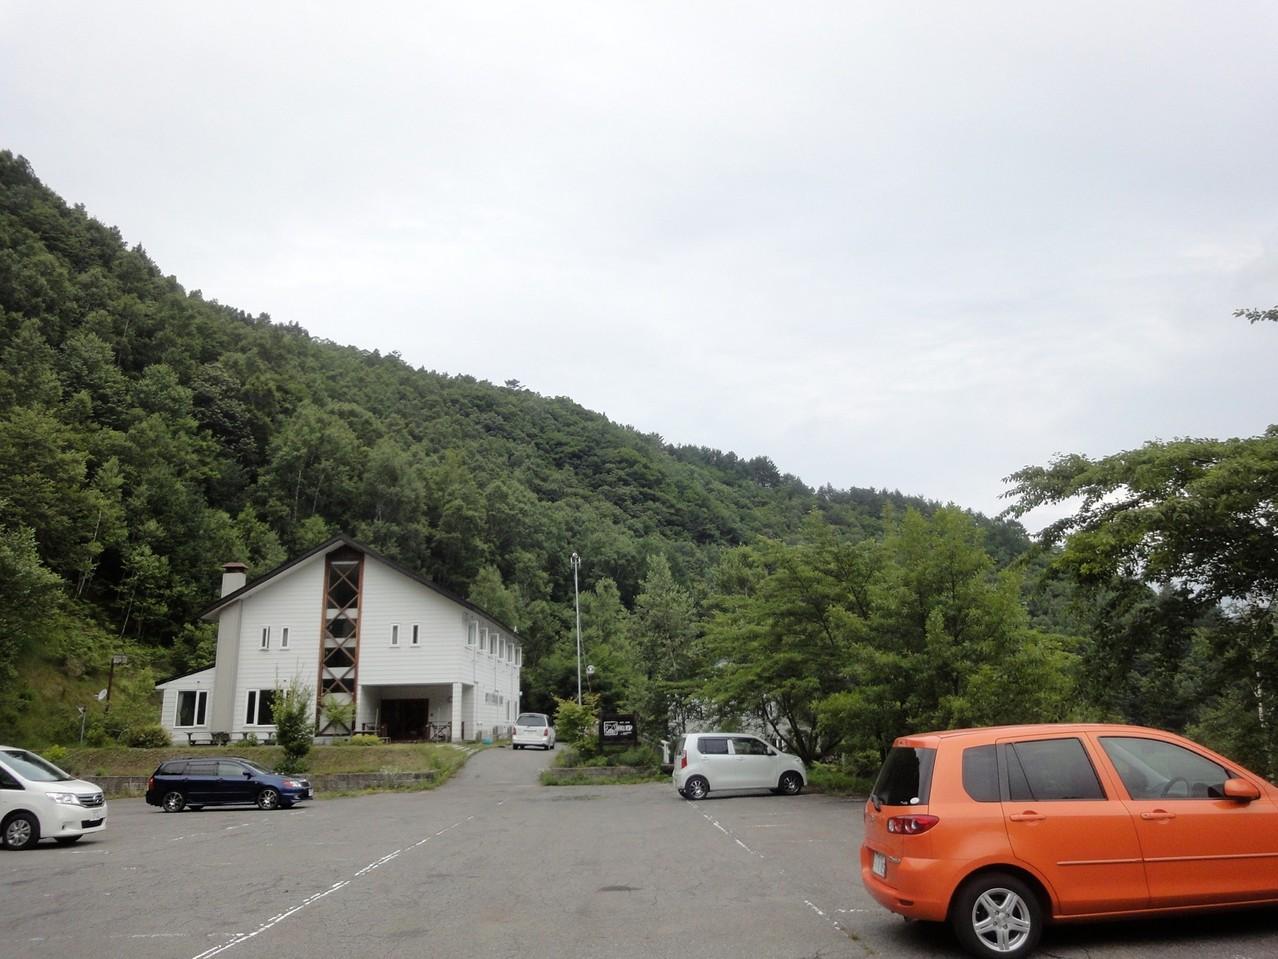 木曽駒高原スキー場跡駐車場